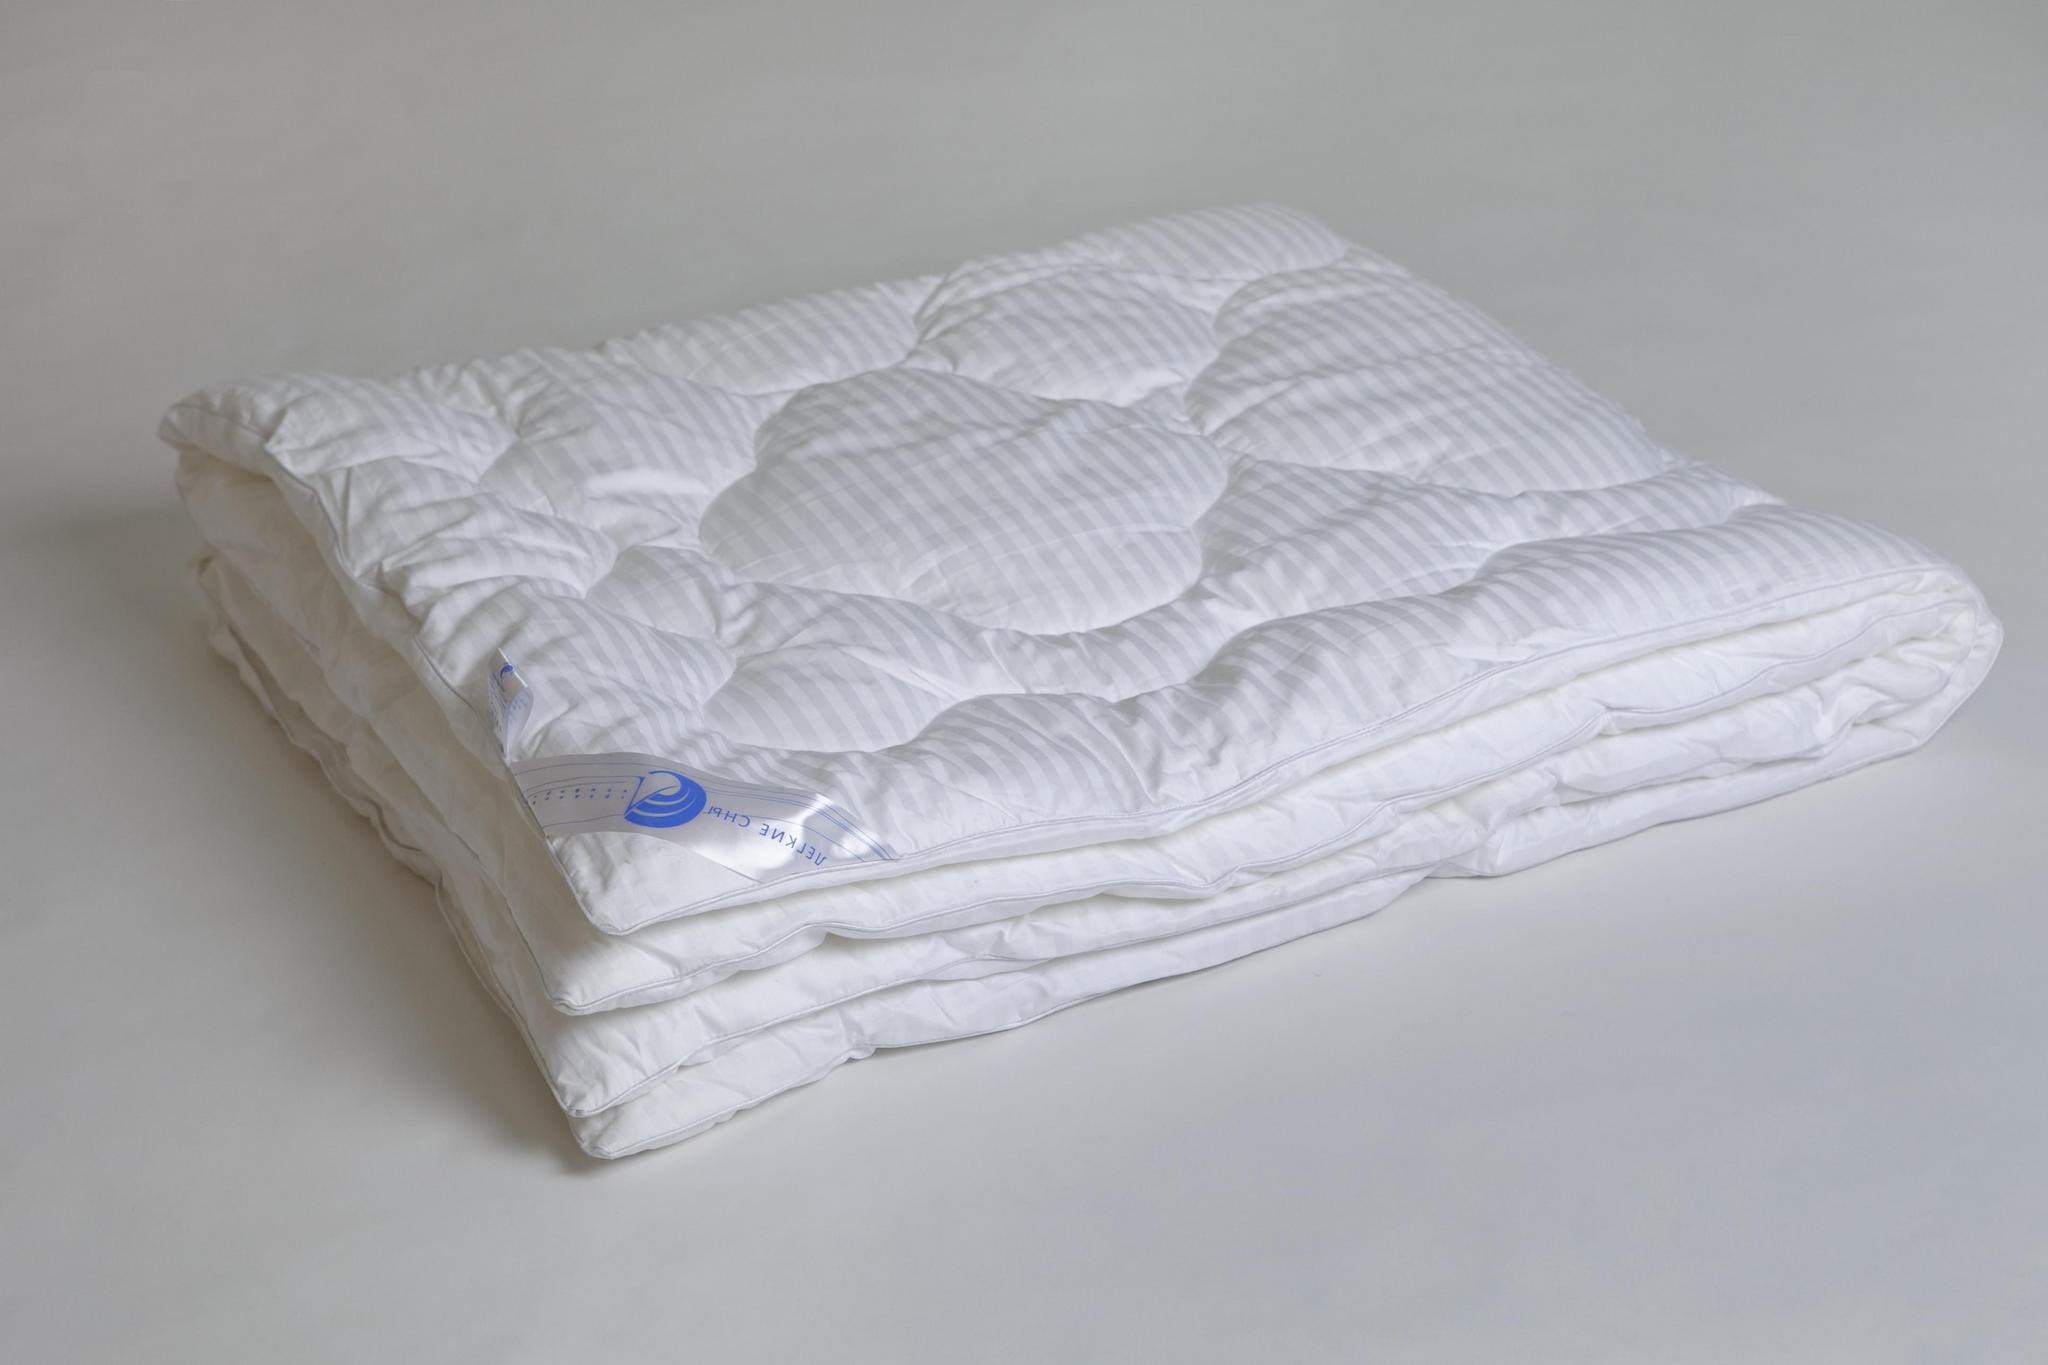 Одеяла и Подушки Одеяло Коллекции  Элисон  в сатине искусственный  лебяжий пух Легкое Леди_Лель._сатин_.jpg